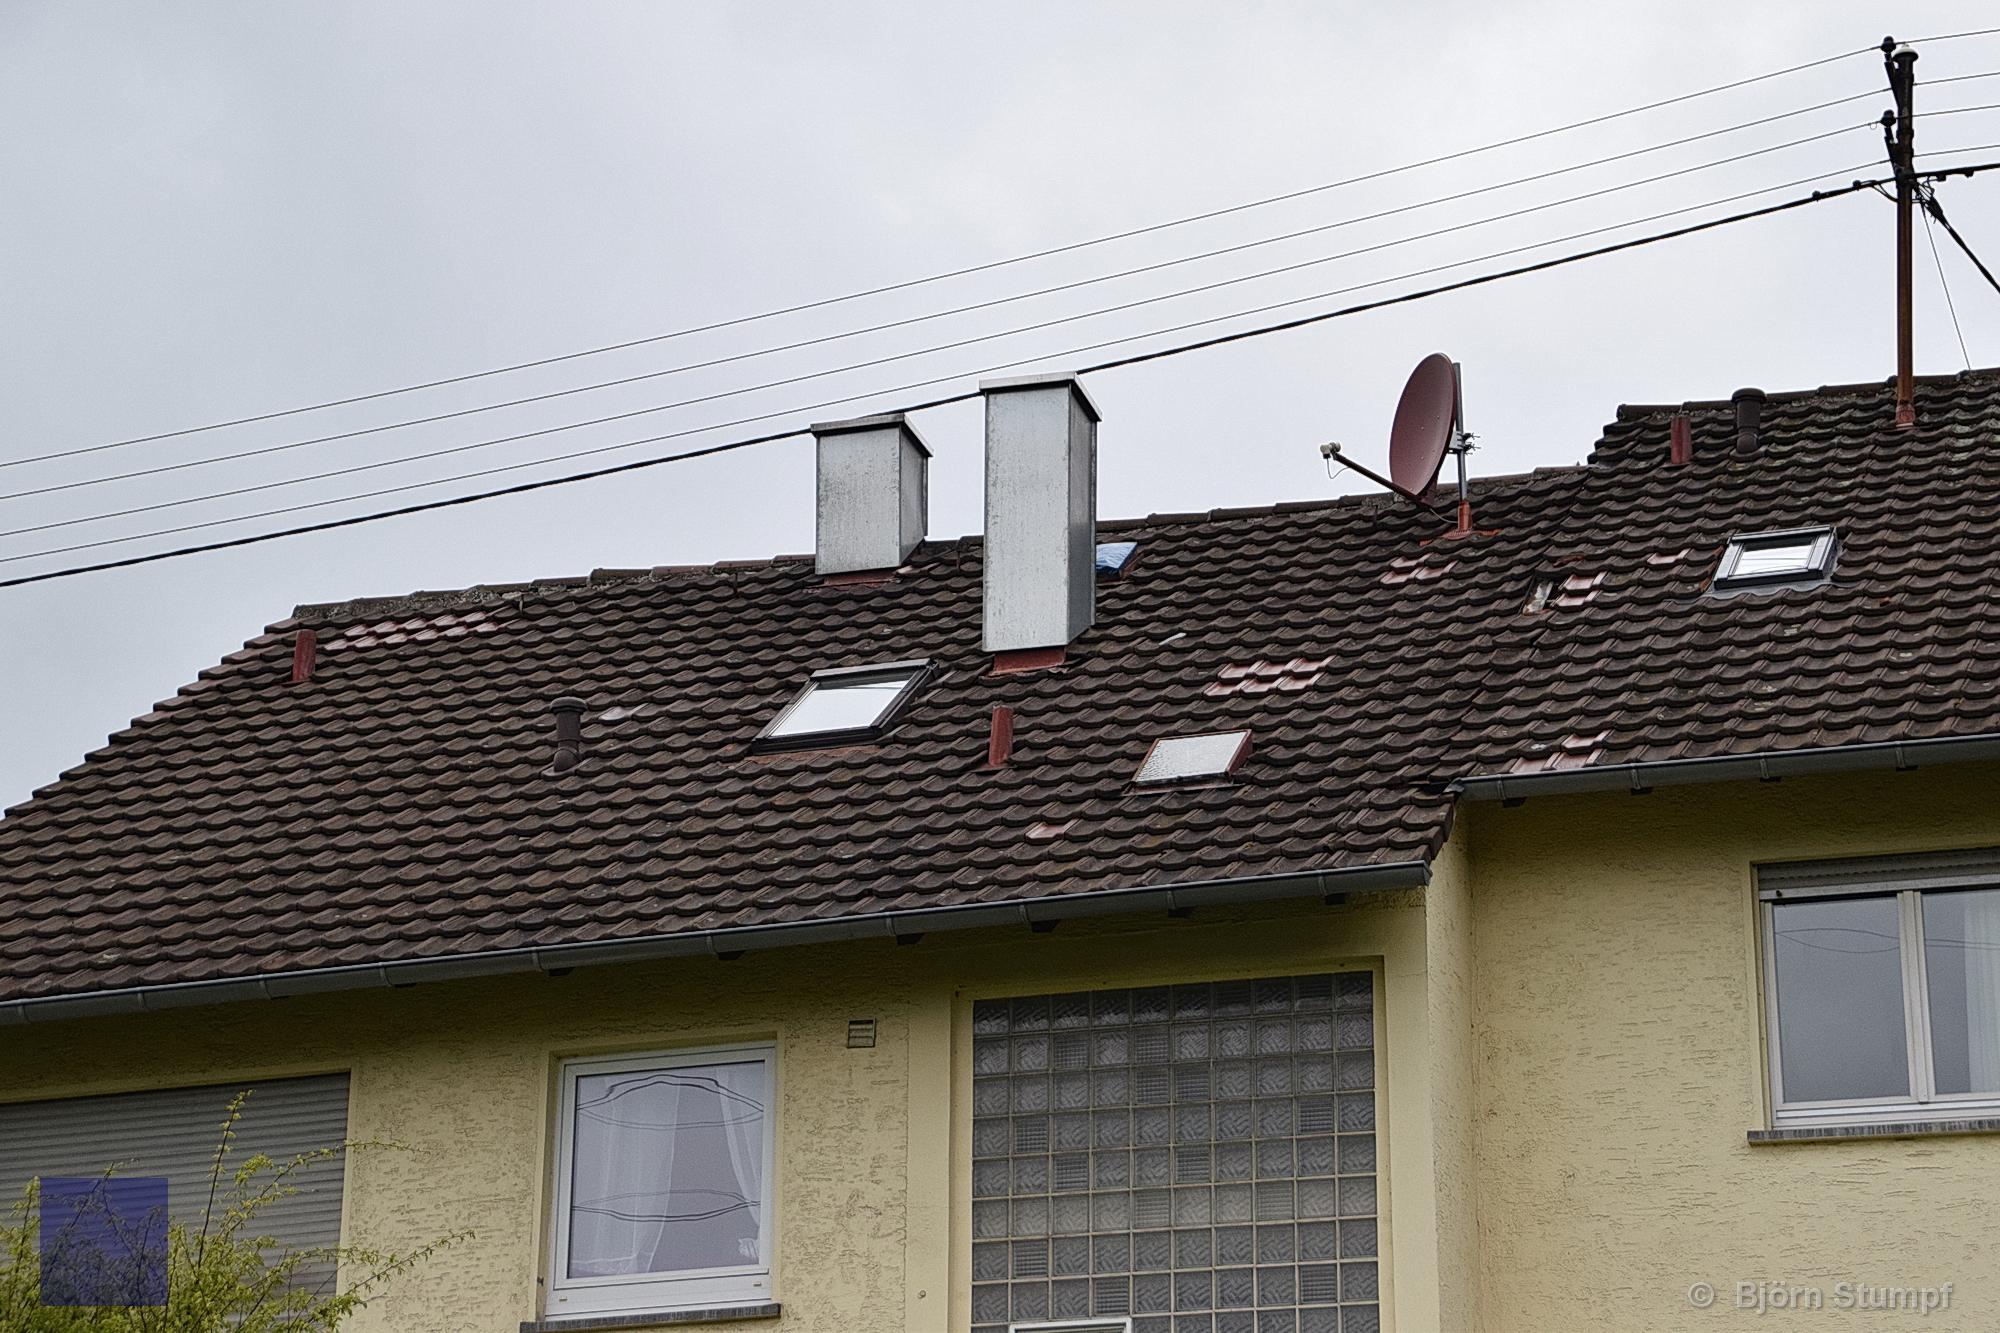 Bild #6 on www.tornado-map.de